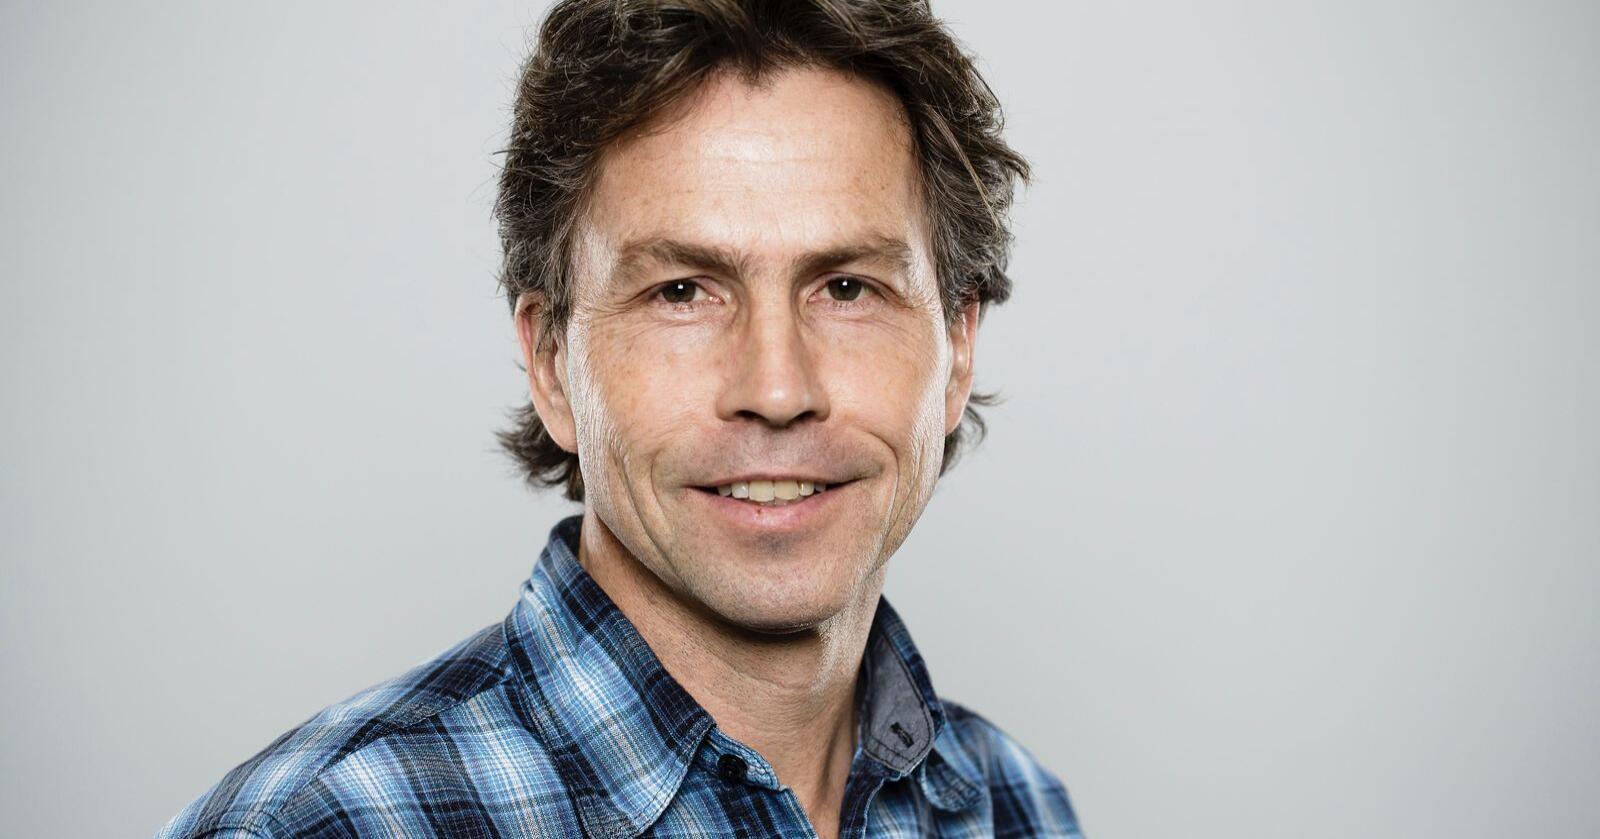 Professor og leiar for Institutt for produksjonsdyrmedisin Olav Reksen ved NMBU ønskjer ein langsiktig landbrukspolitikk. Foto: Gisle Bjørneby